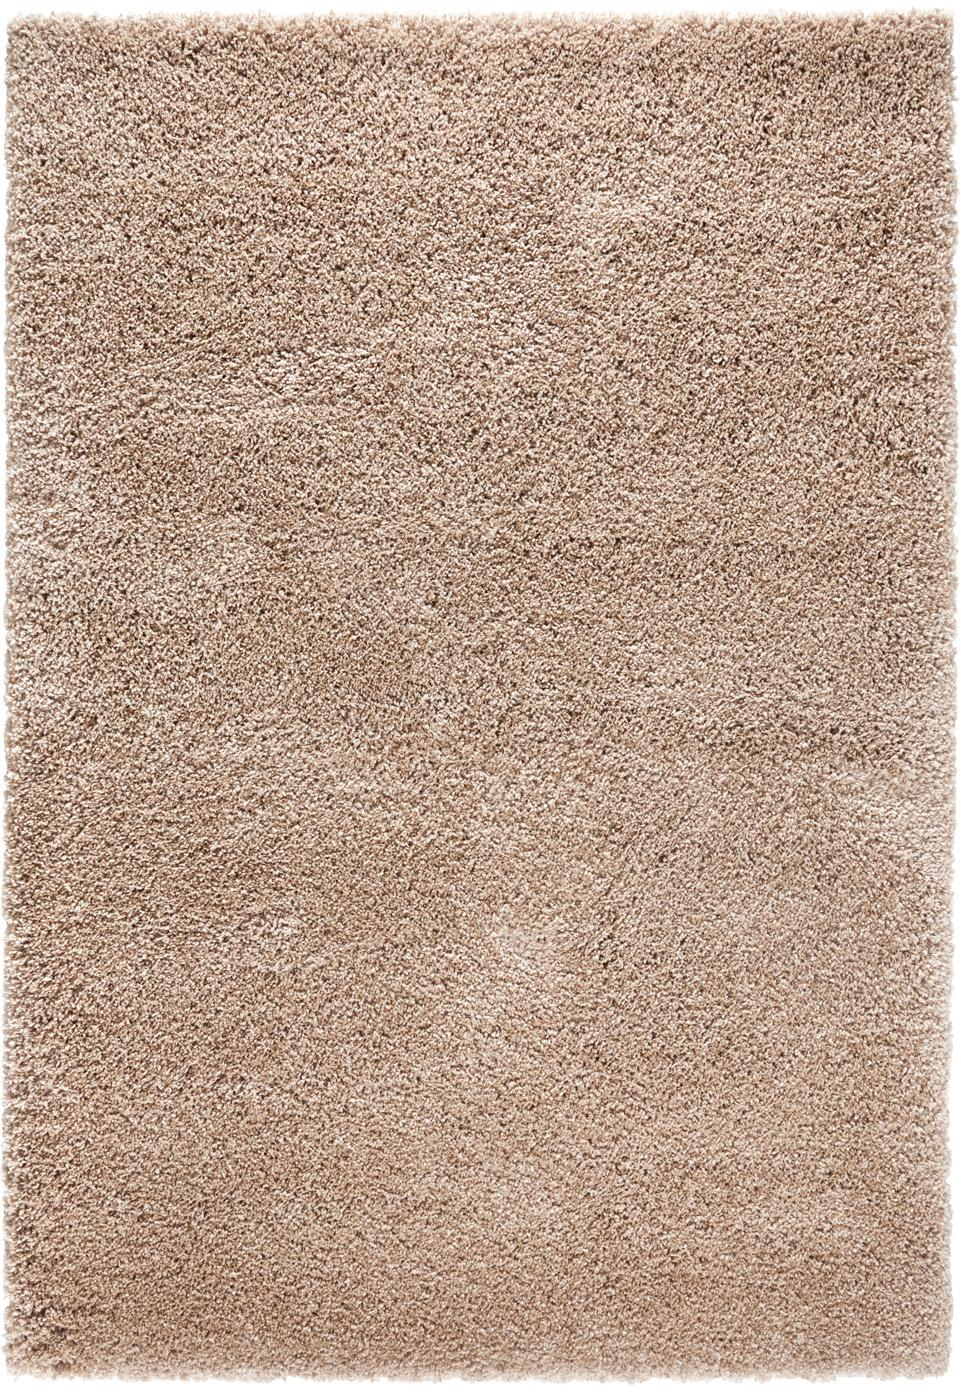 Flauschiger Hochflor-Teppich Venice in Braun, Flor: 100% Polypropylen, Braun, B 120 x L 170 cm (Grösse S)